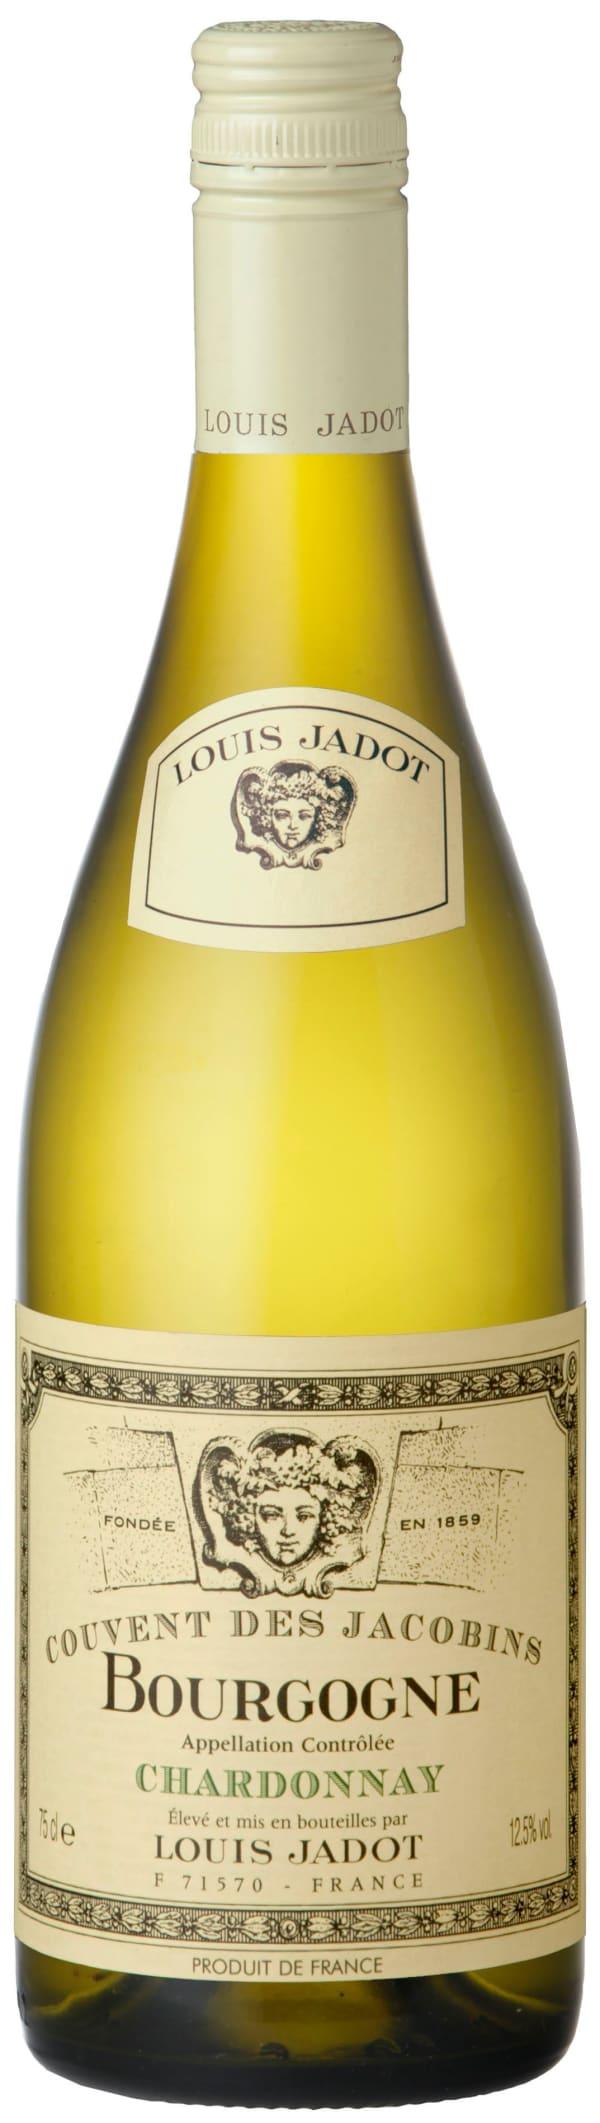 Louis Jadot Couvent des Jacobins Chardonnay 2017